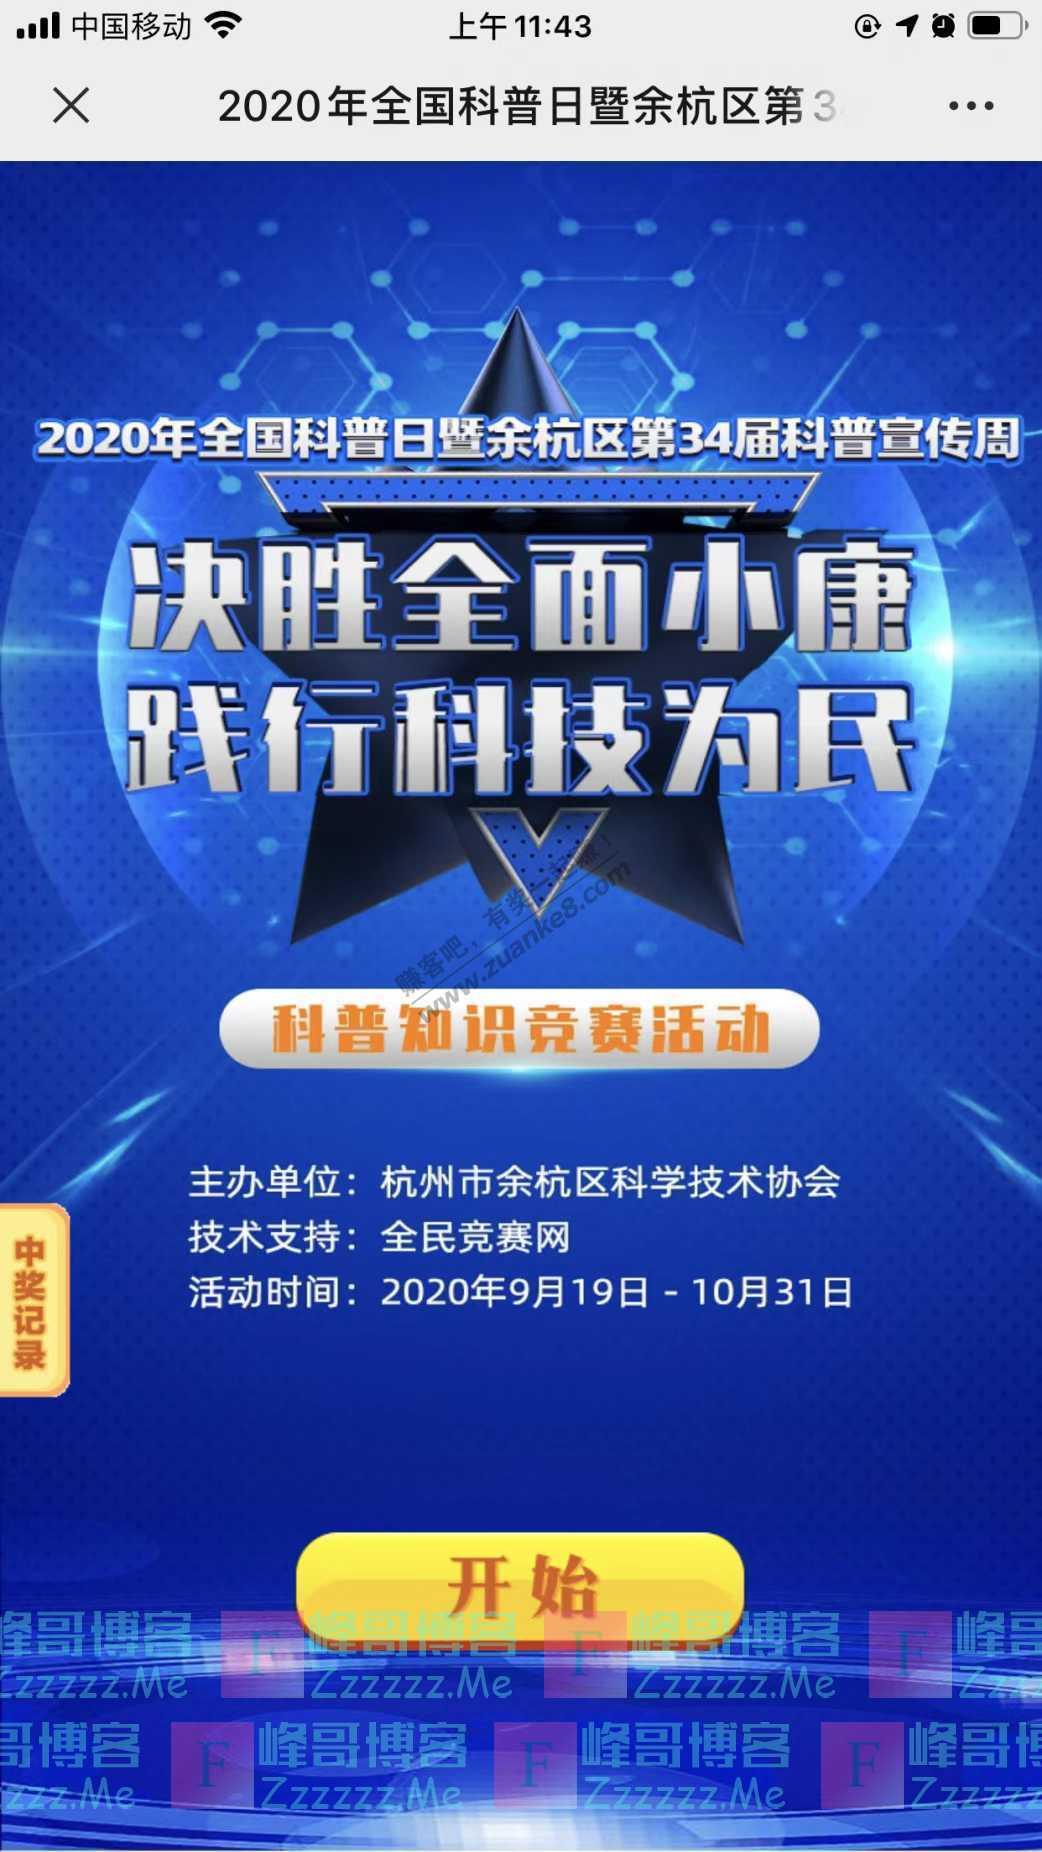 全民竞赛网2020年全国科普日暨余杭区第34届科普宣传周…(10月31日截止)